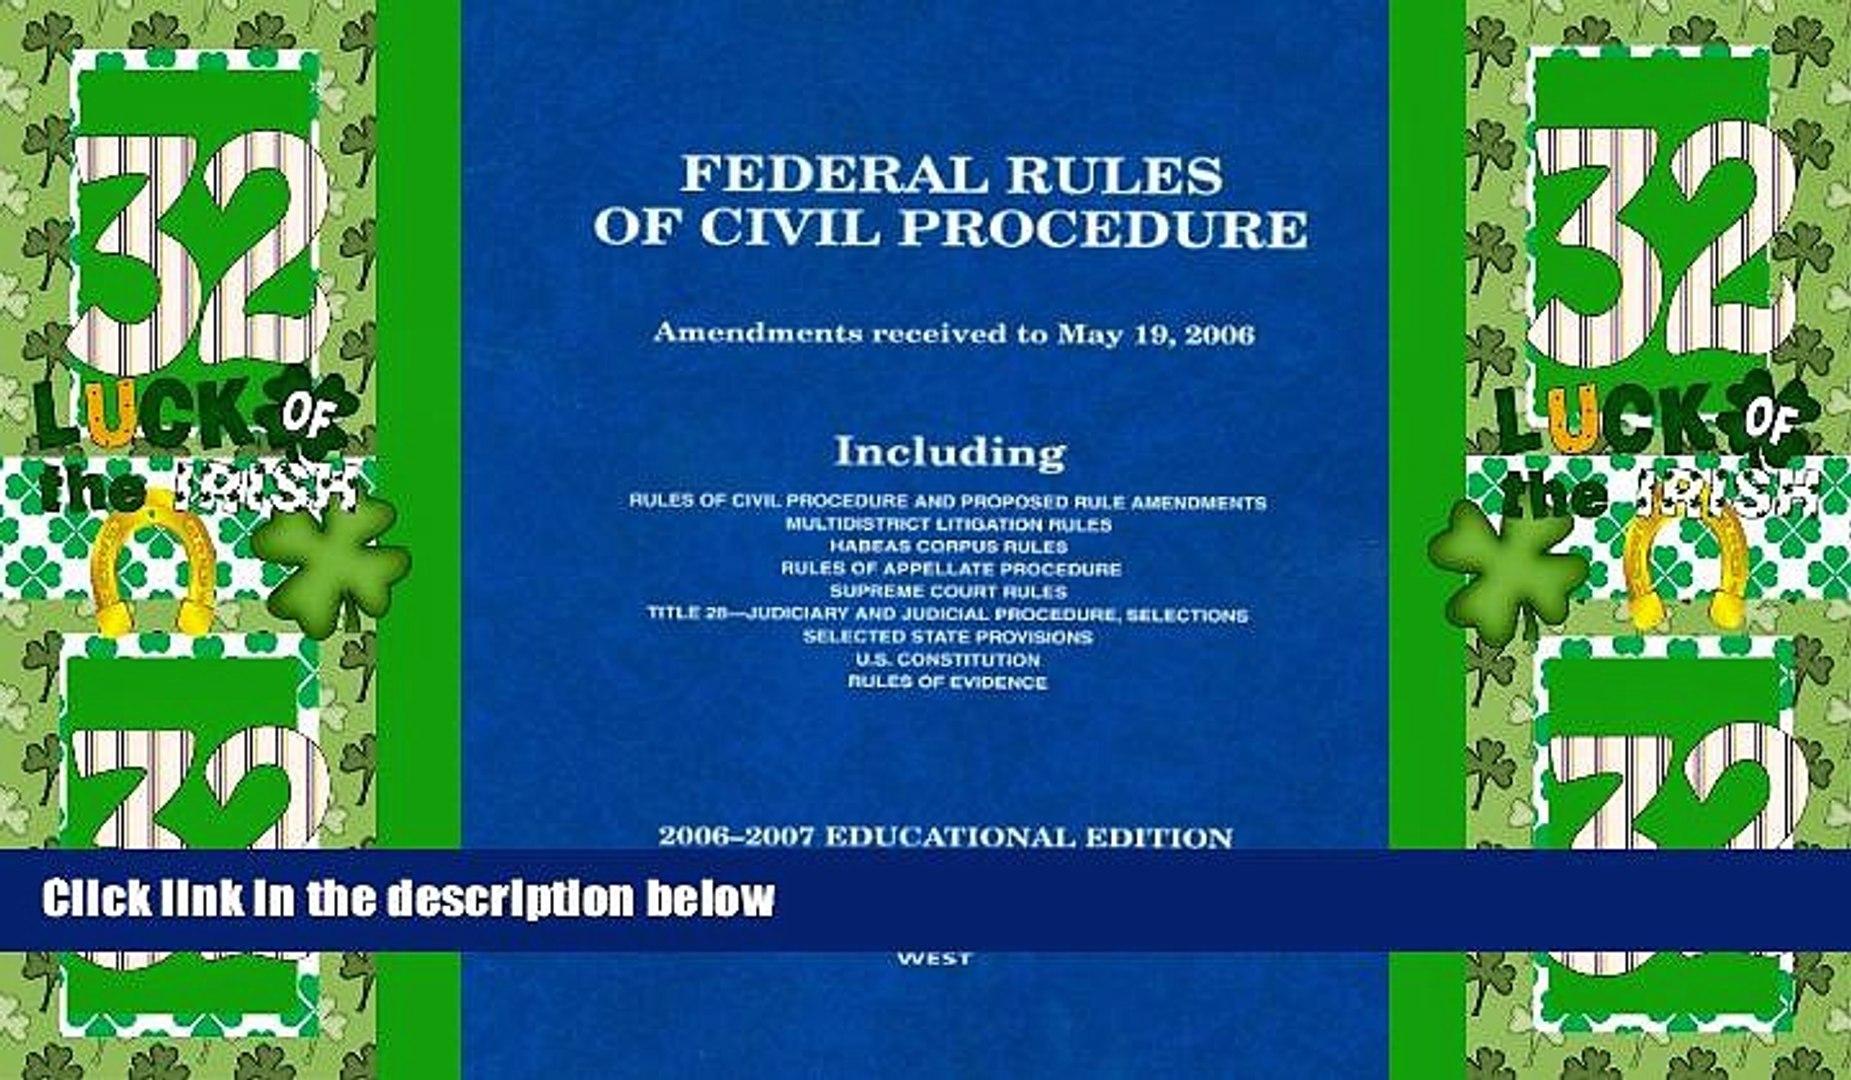 Big Deals  Federal Rules of Civil Procedure: Amendments received to May 19, 2006, 2006-2007